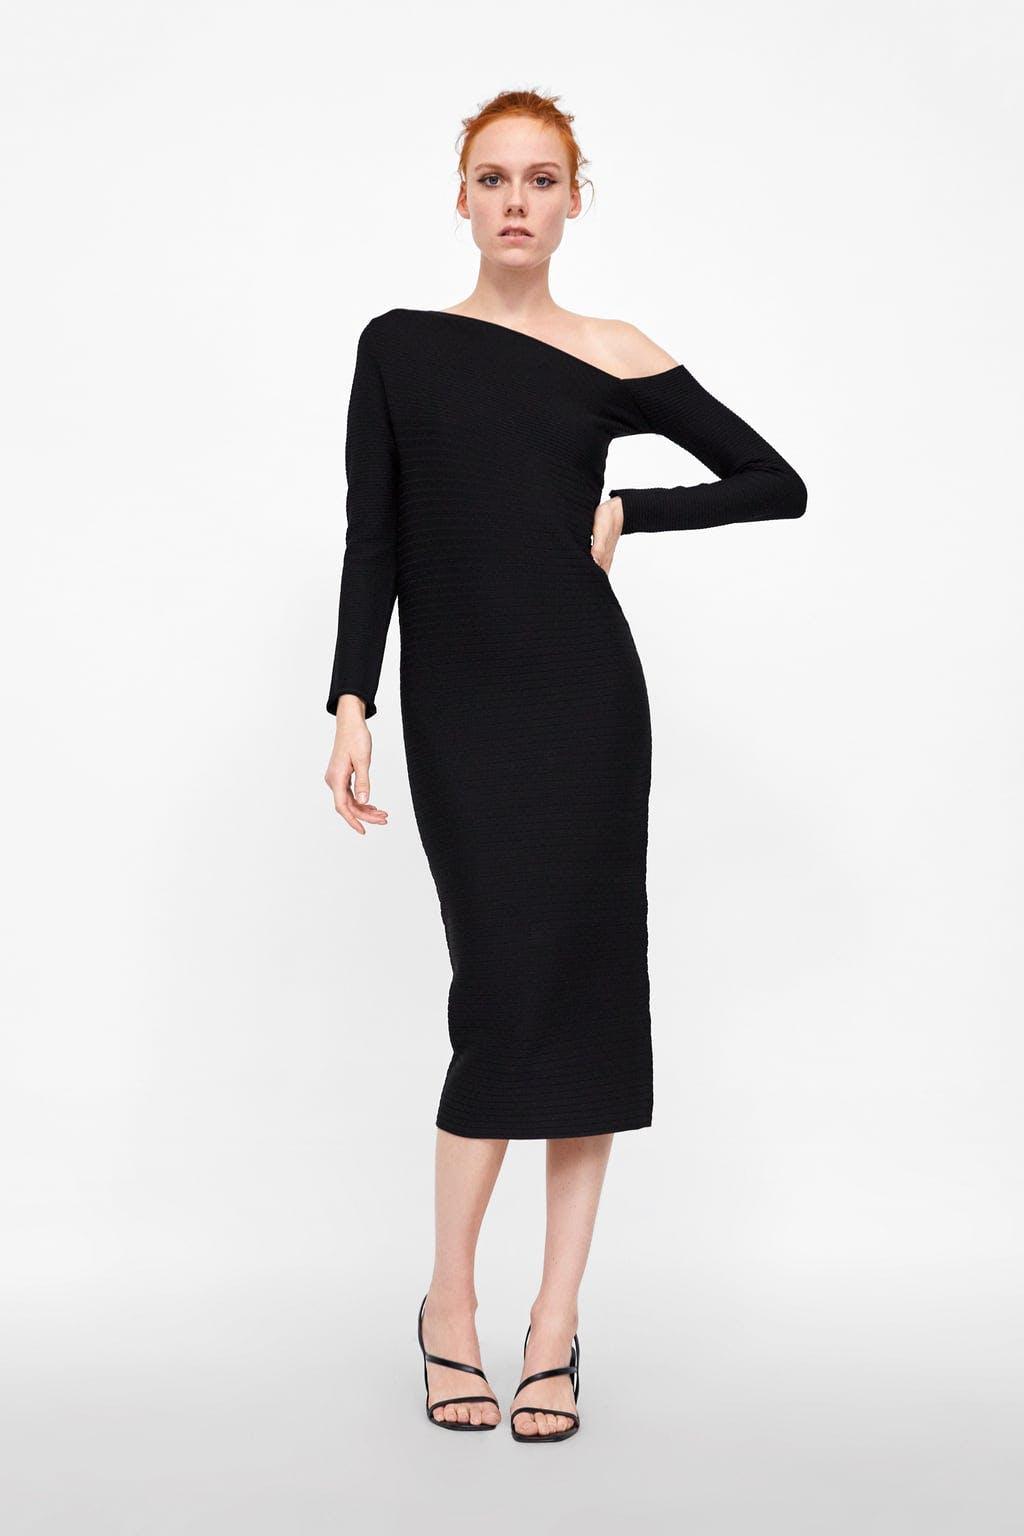 8 Timeless Black One Shoulder Dresses To Channel Meghan Markle